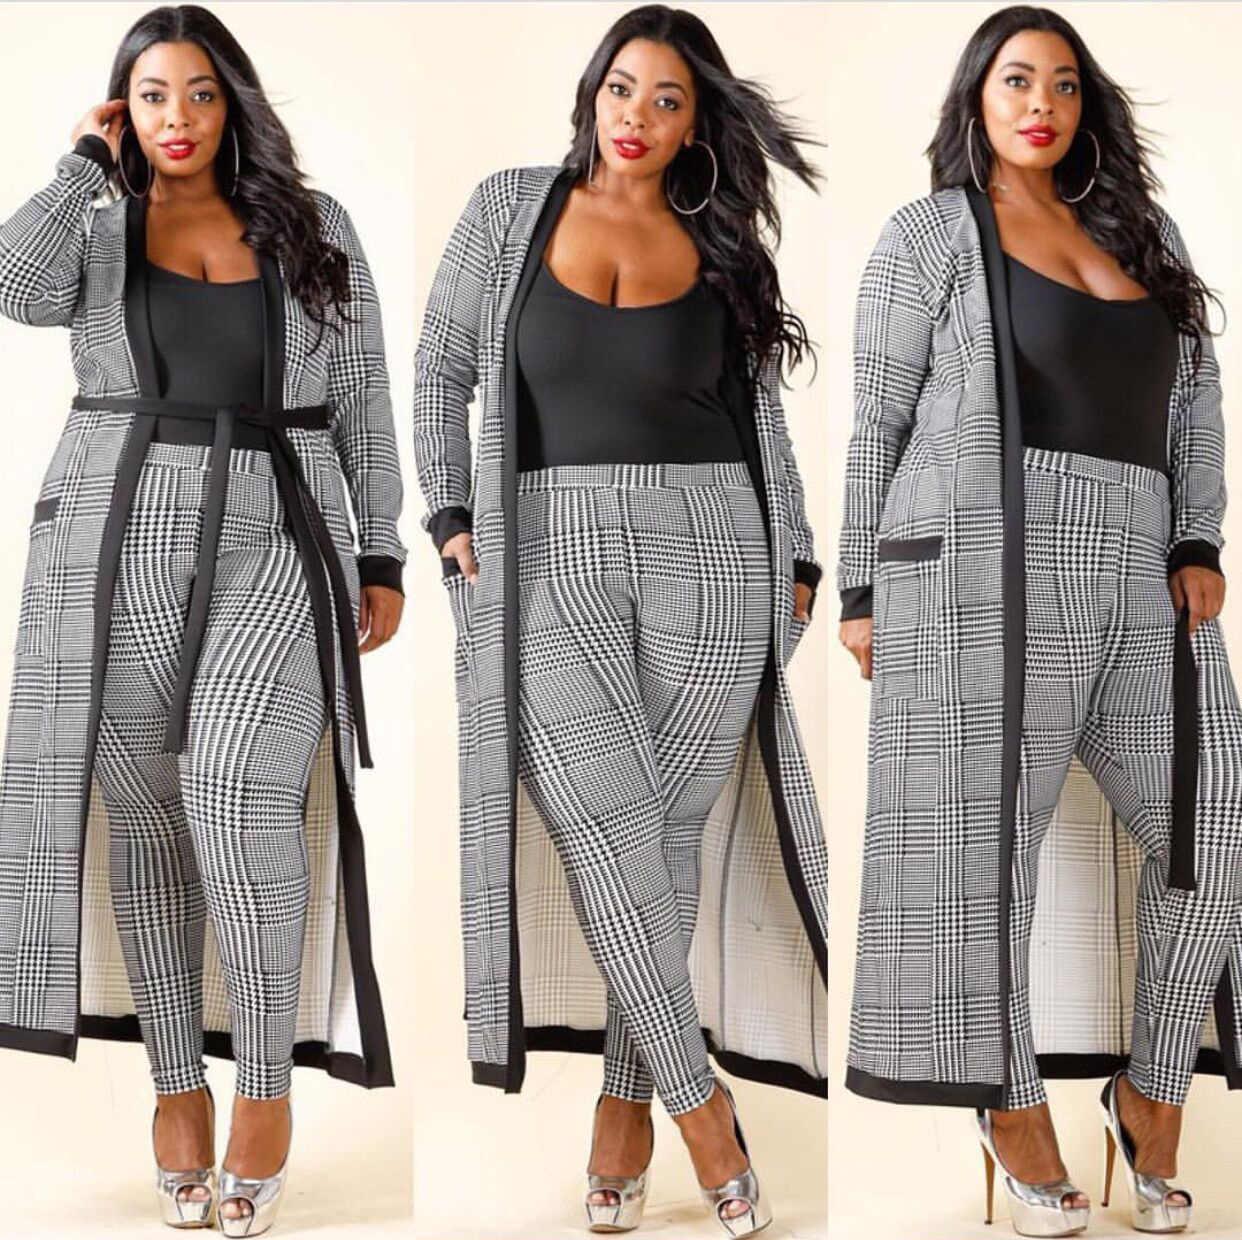 Mulheres Mujer Vestido Vestuário Tradicional Africano Africano 3 Peças Set Top E Calças Xadrez Cardigan Casaco Calças Colete 2019